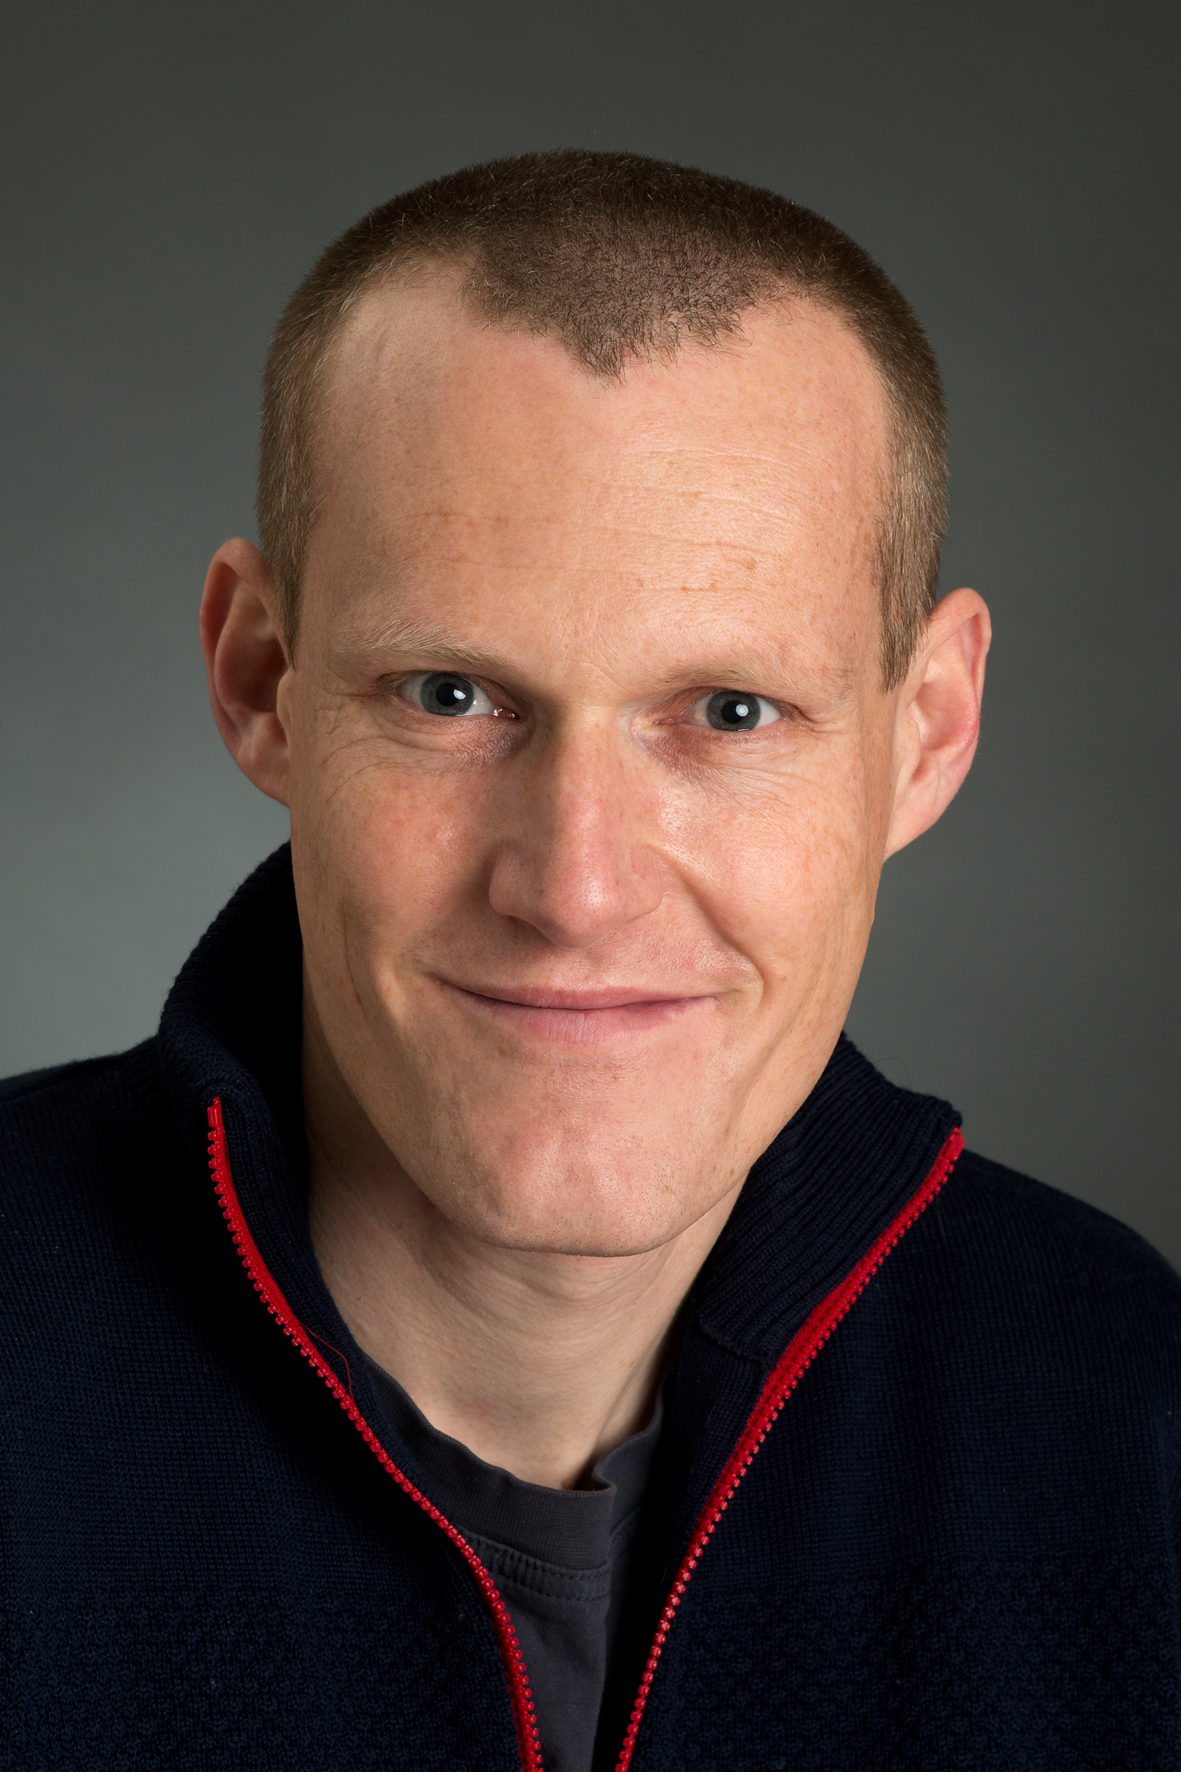 Mads Faurschou Knudsen